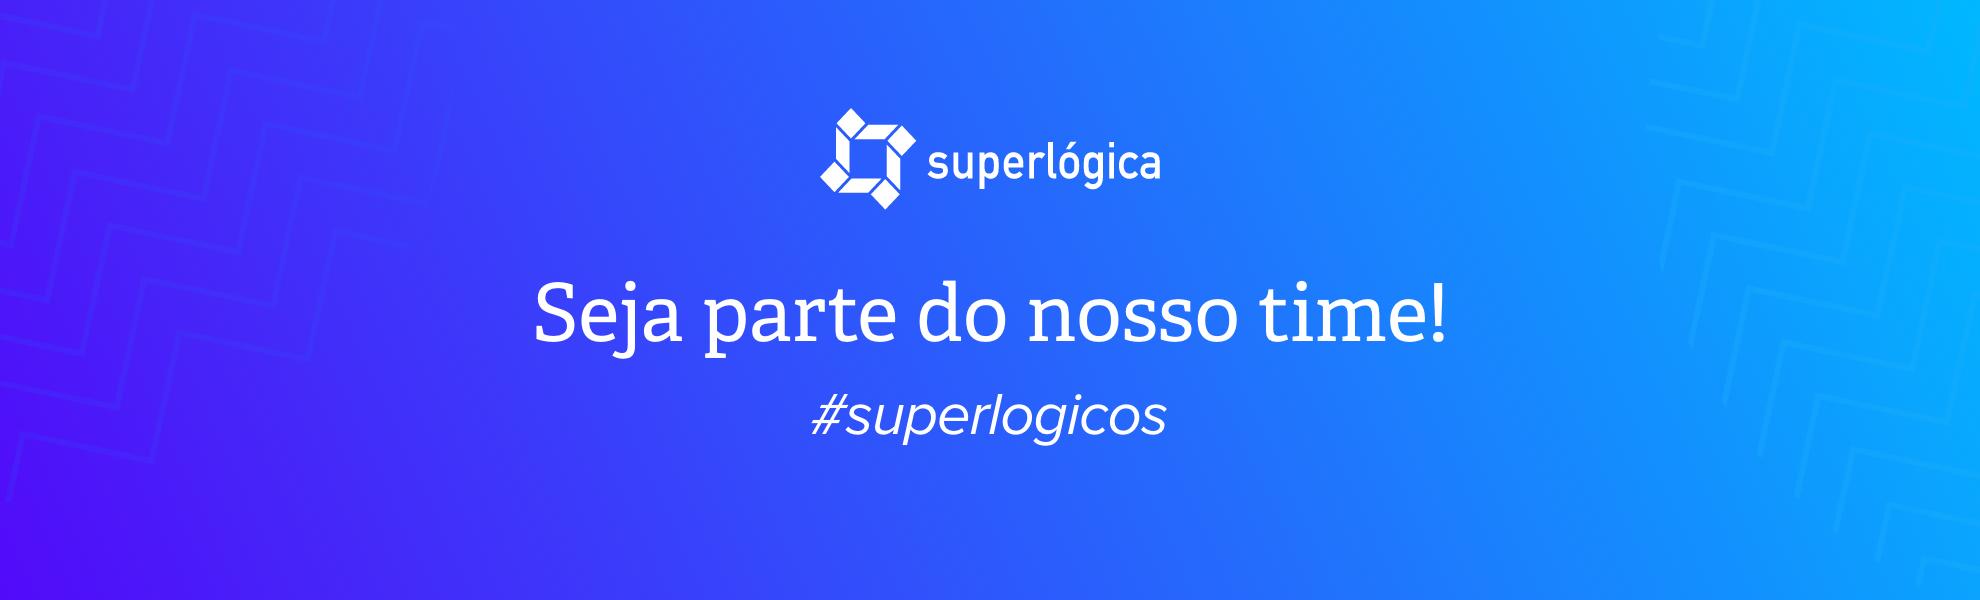 Desenvolvedor PHP Pleno Plataforma/Assinaturas - Superlógica